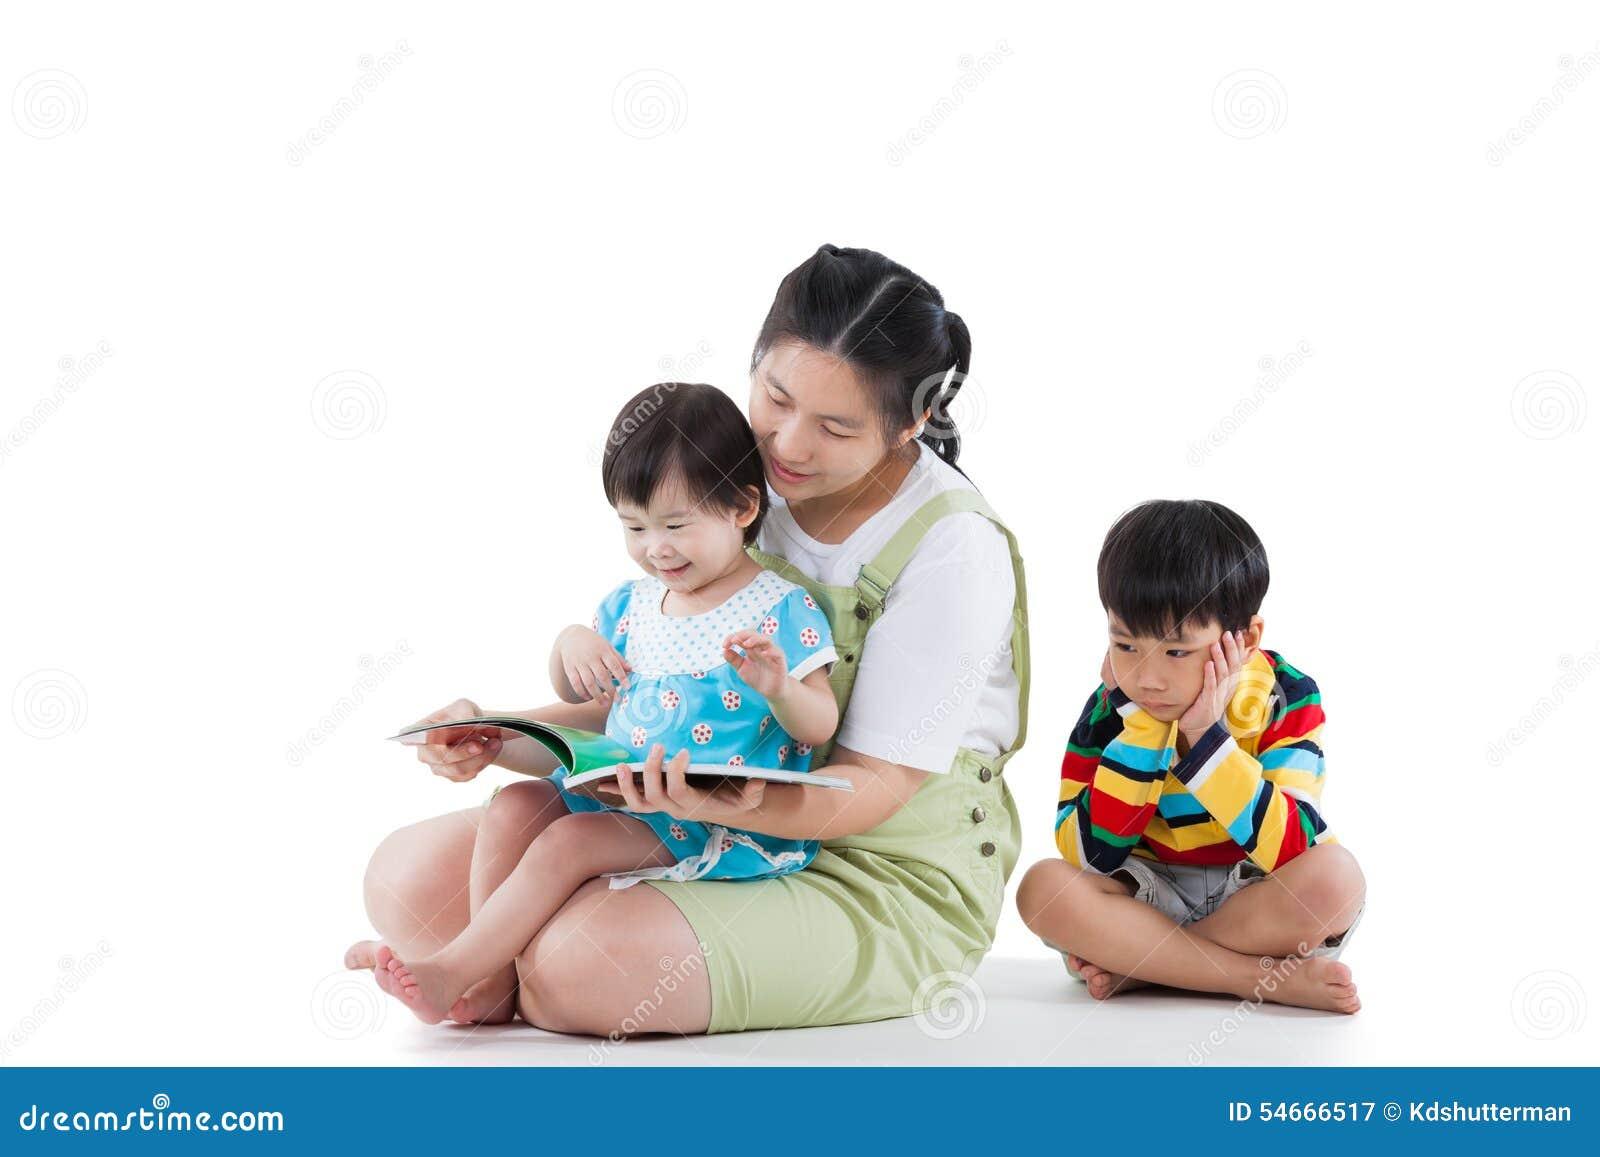 Фото мам с детьми азиаты